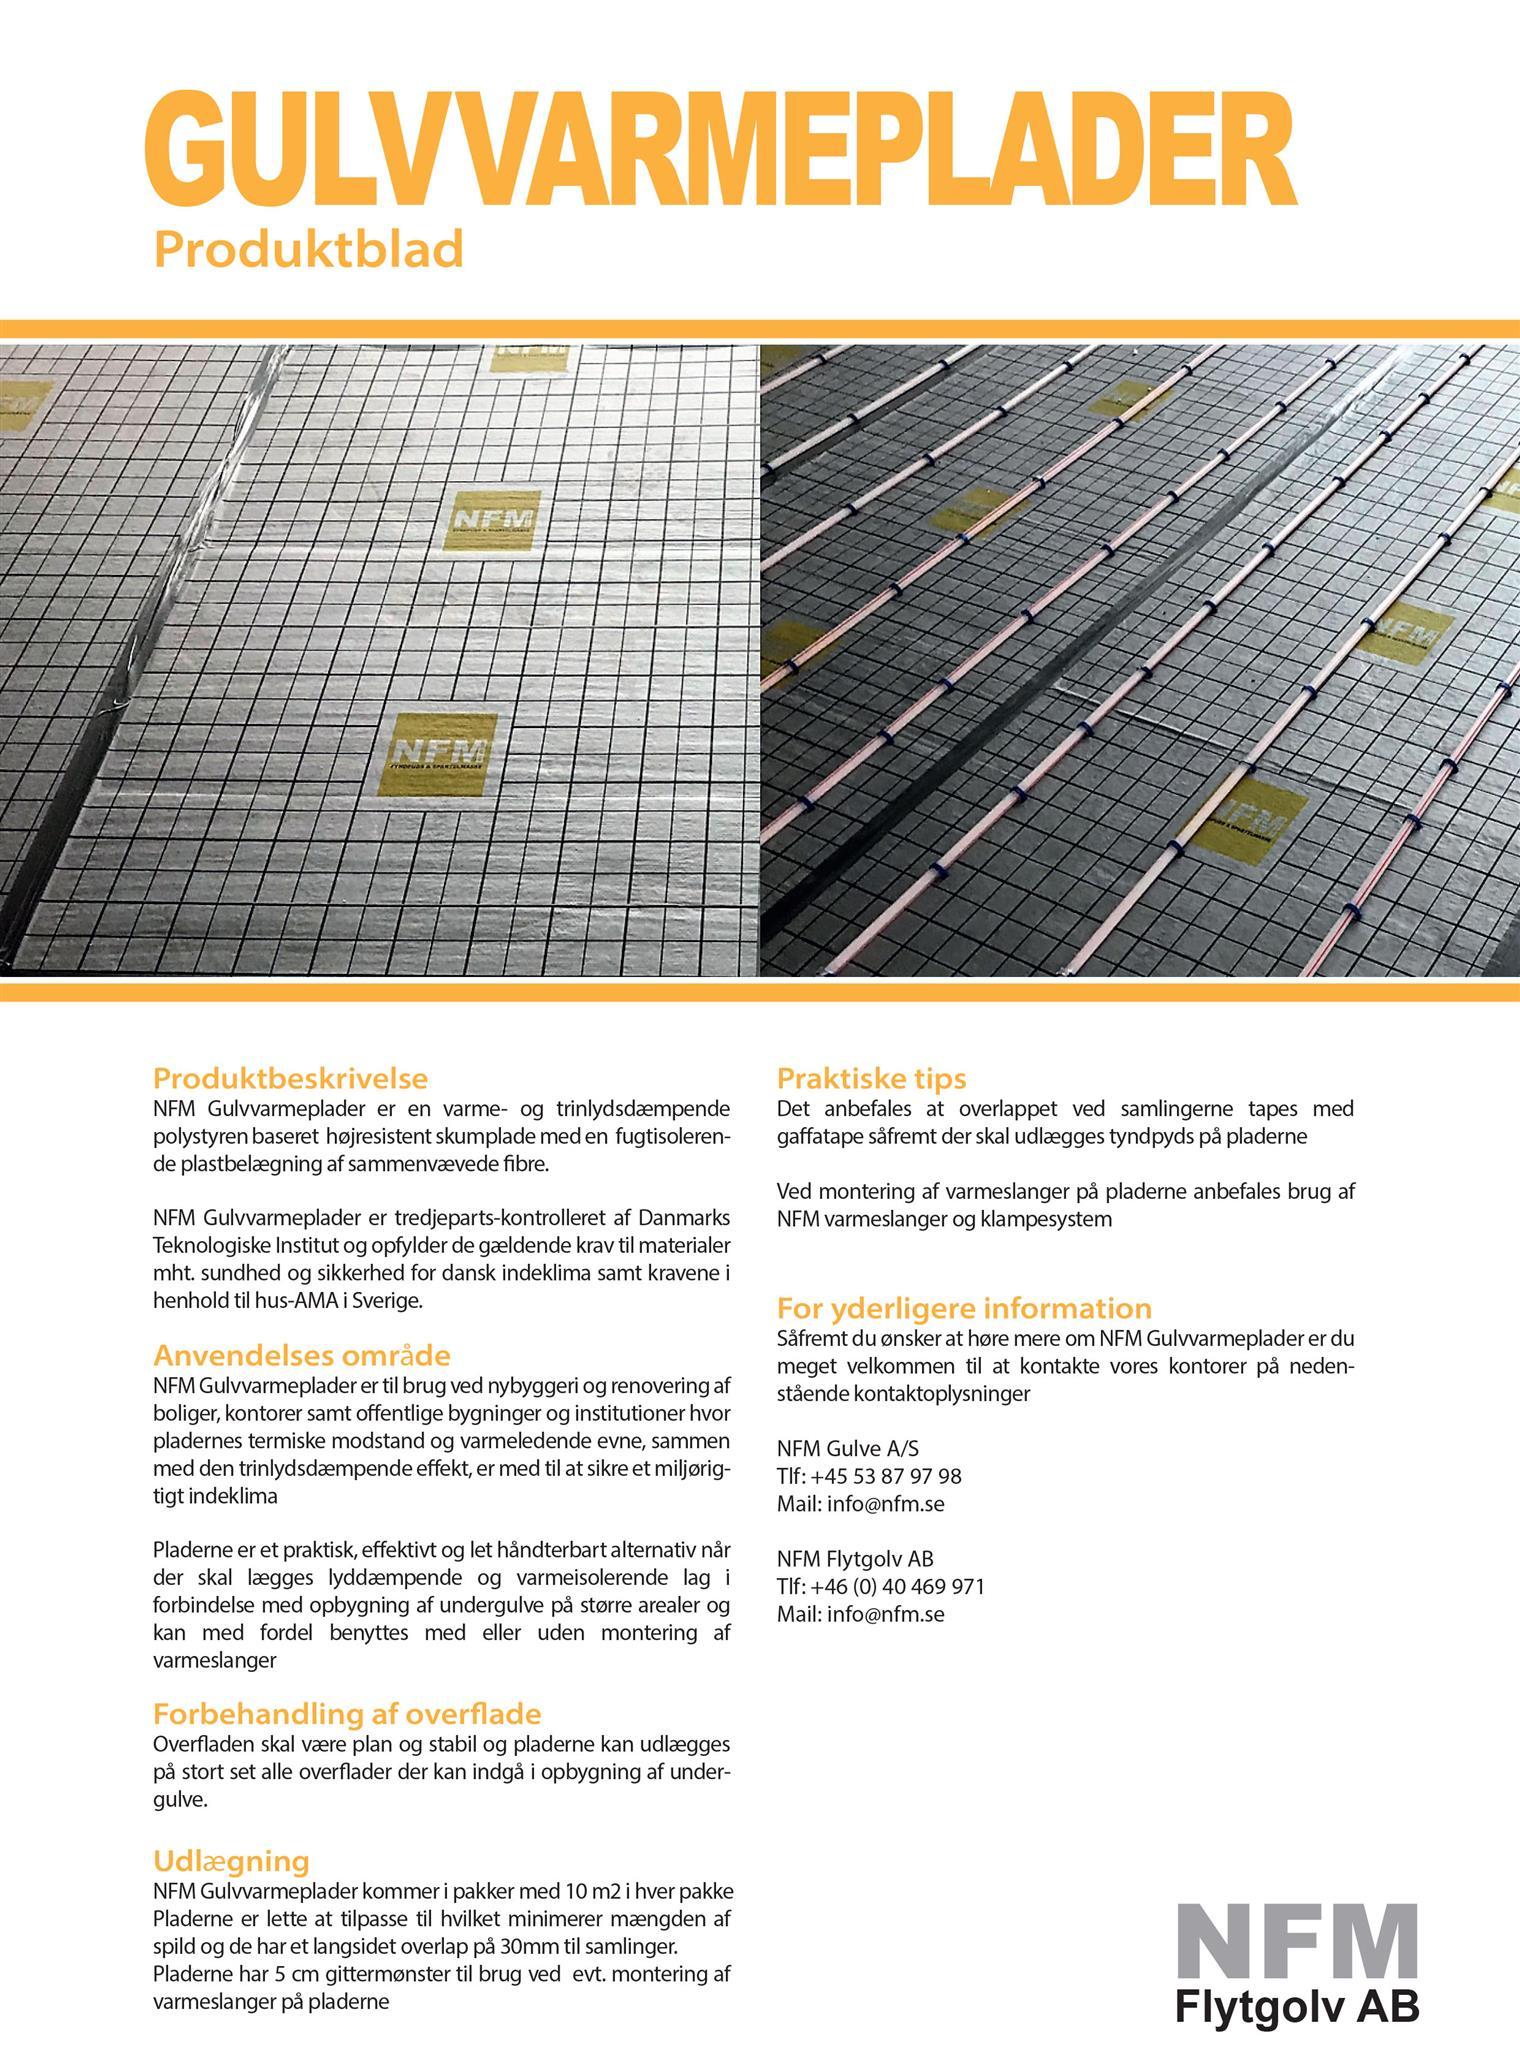 NFM Gulvvarmeplader Produktblad